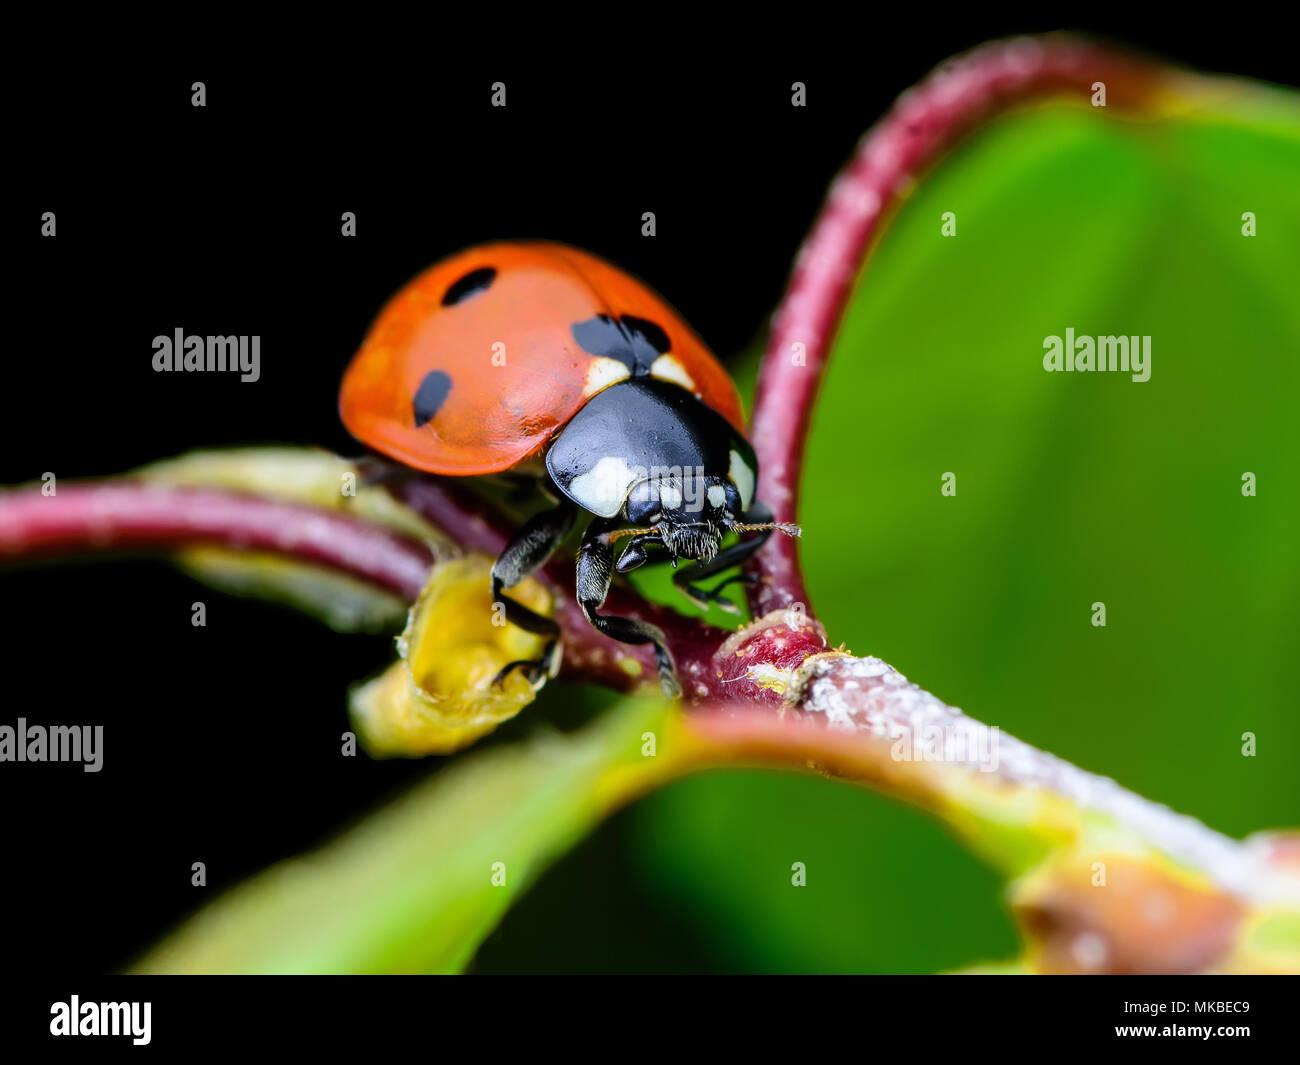 Ladybug Insect on Twig Macro - Stock Image